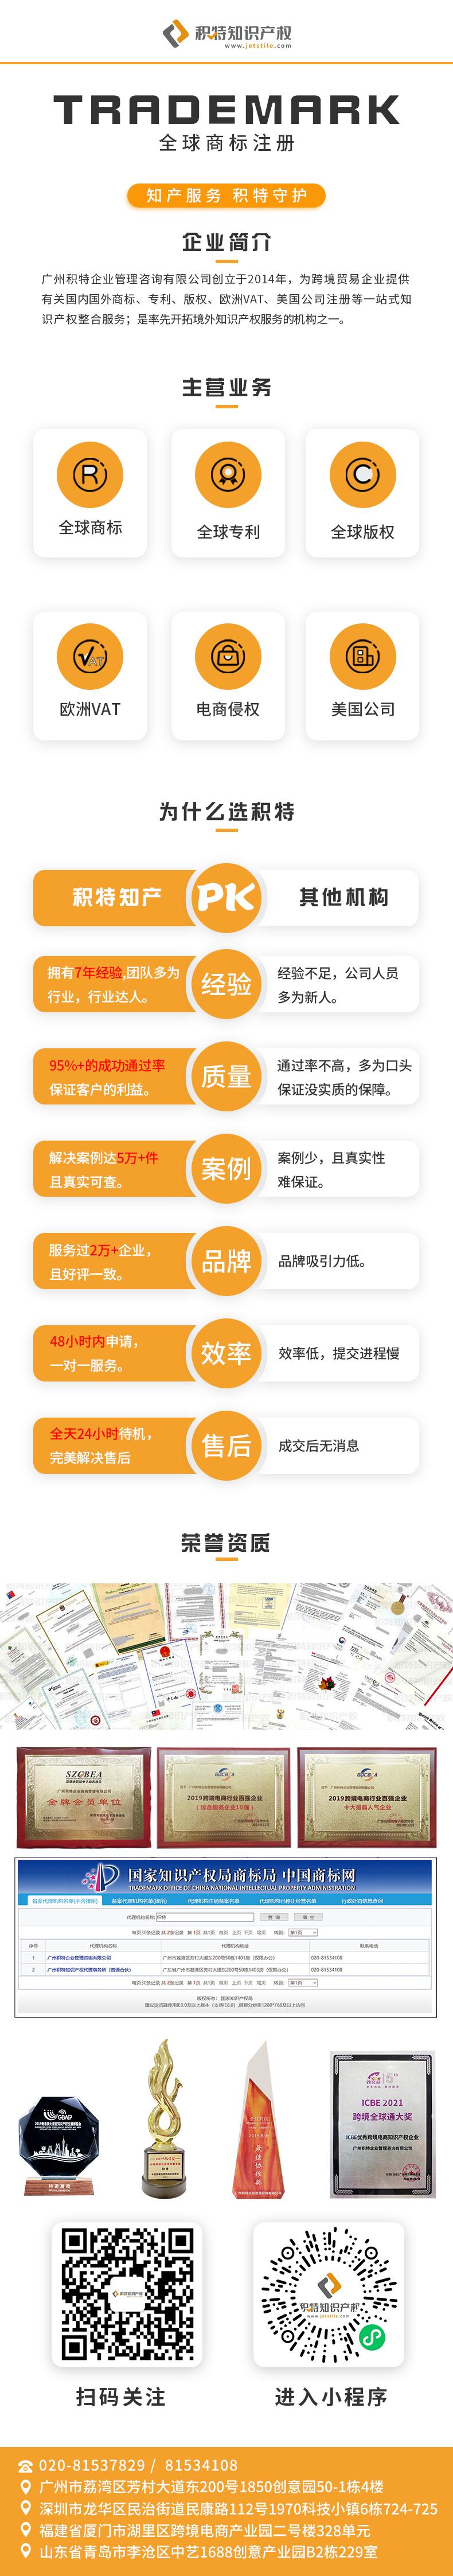 产品介绍长图3.0_.png